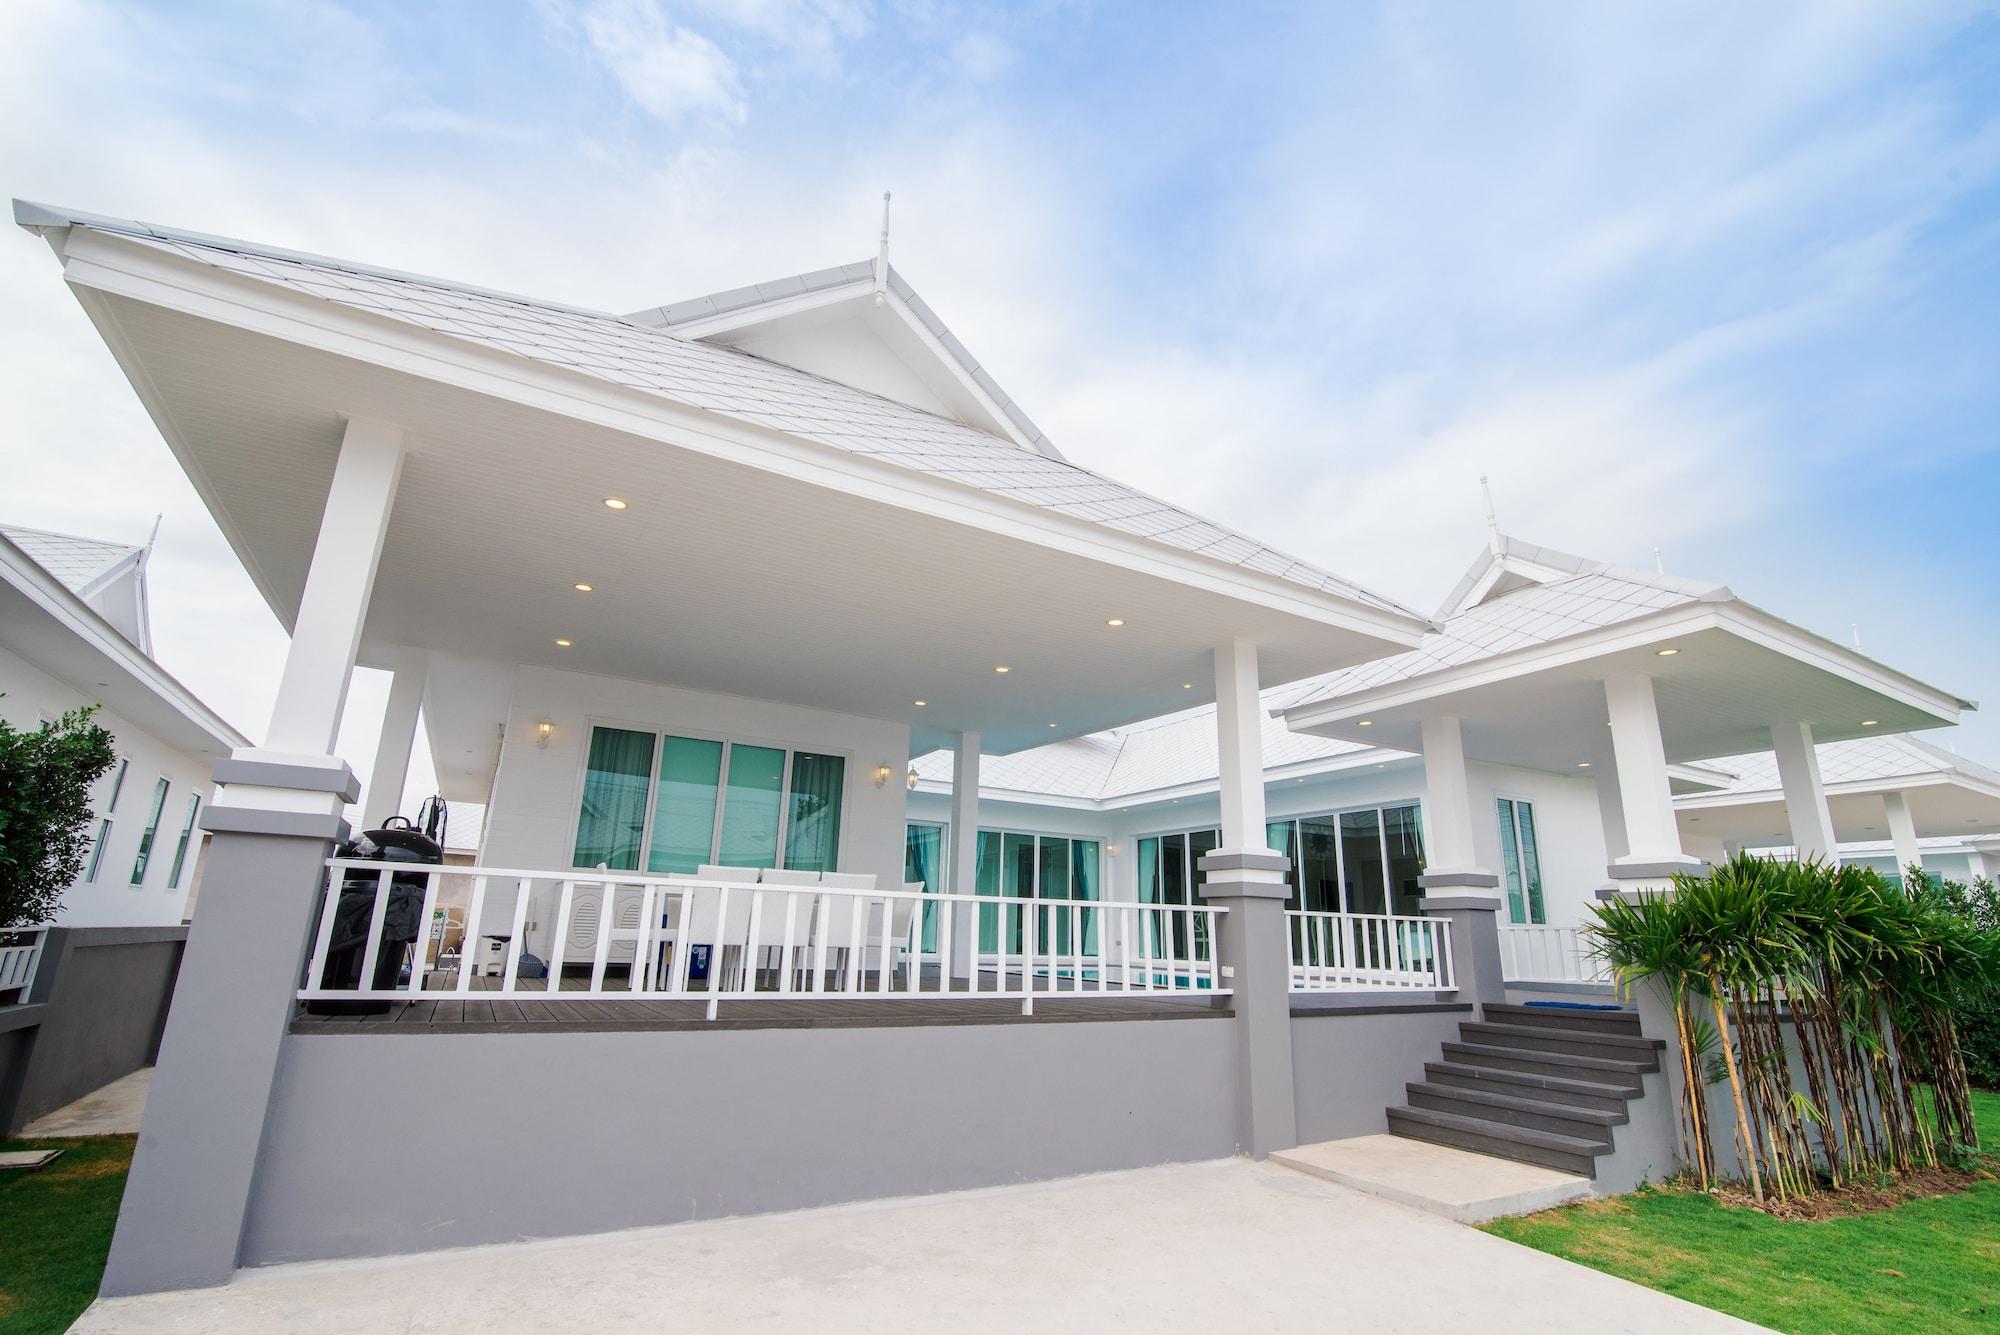 Wan Arun Houses, Muang Prachuap Khiri Khan